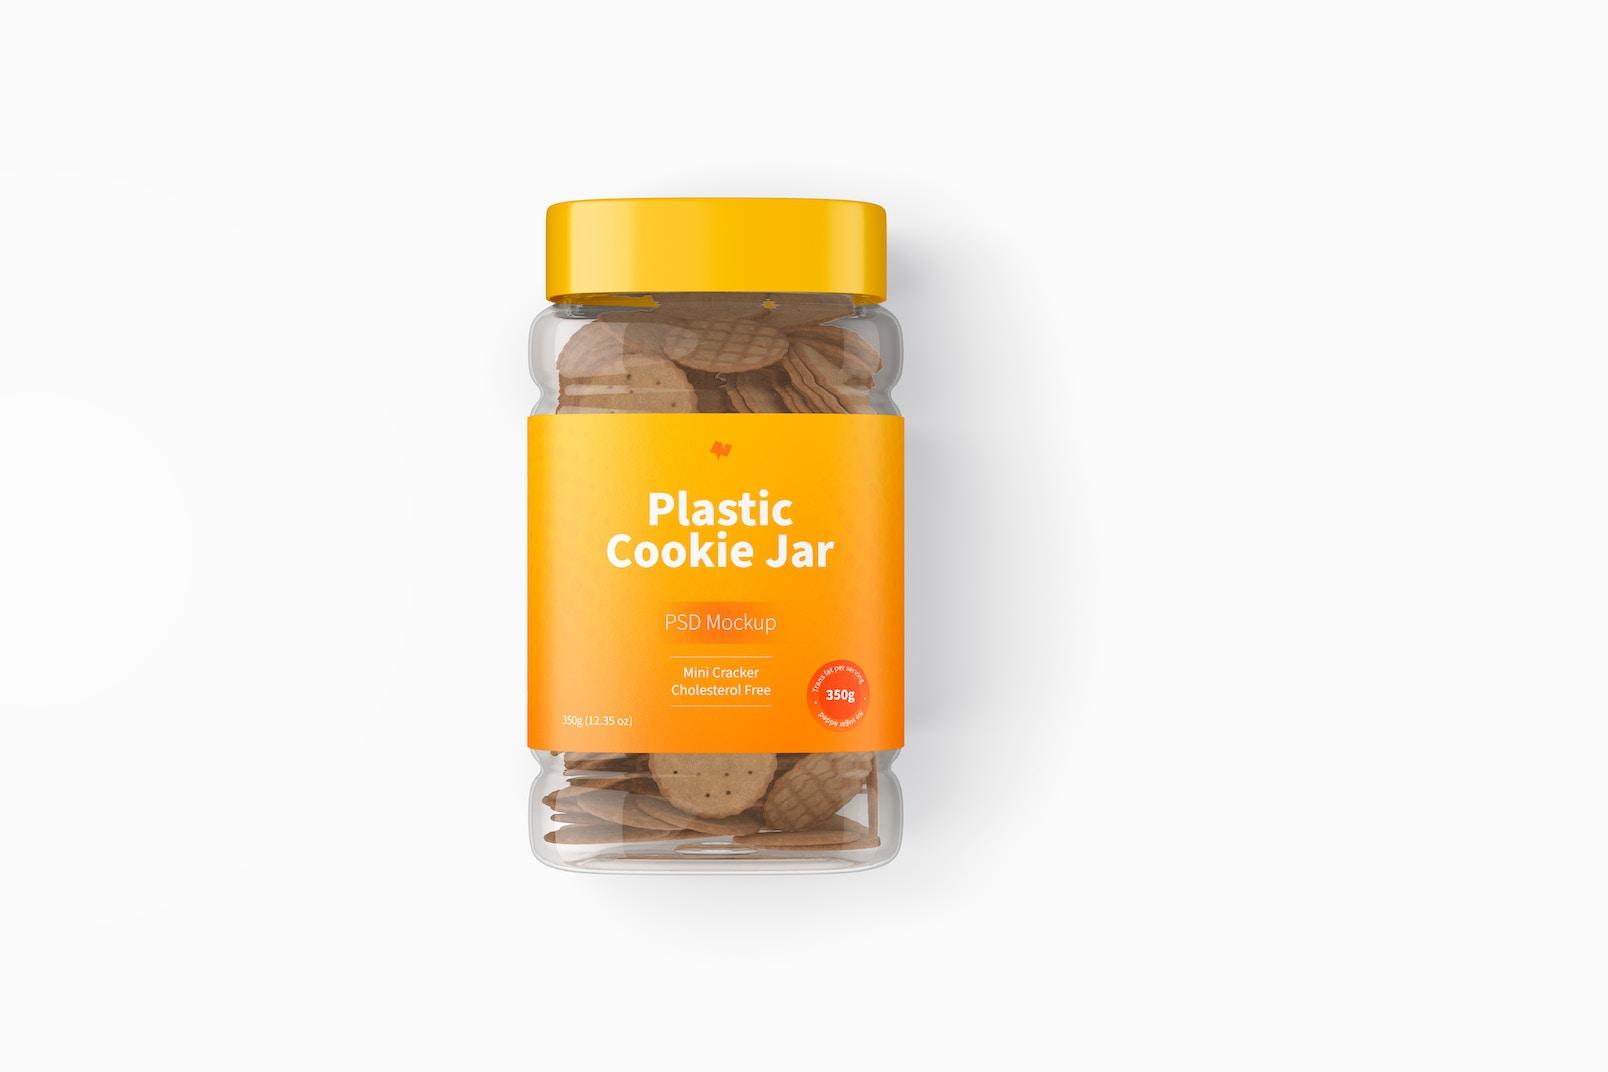 Plastic Cookie Jar Mockup, Top View